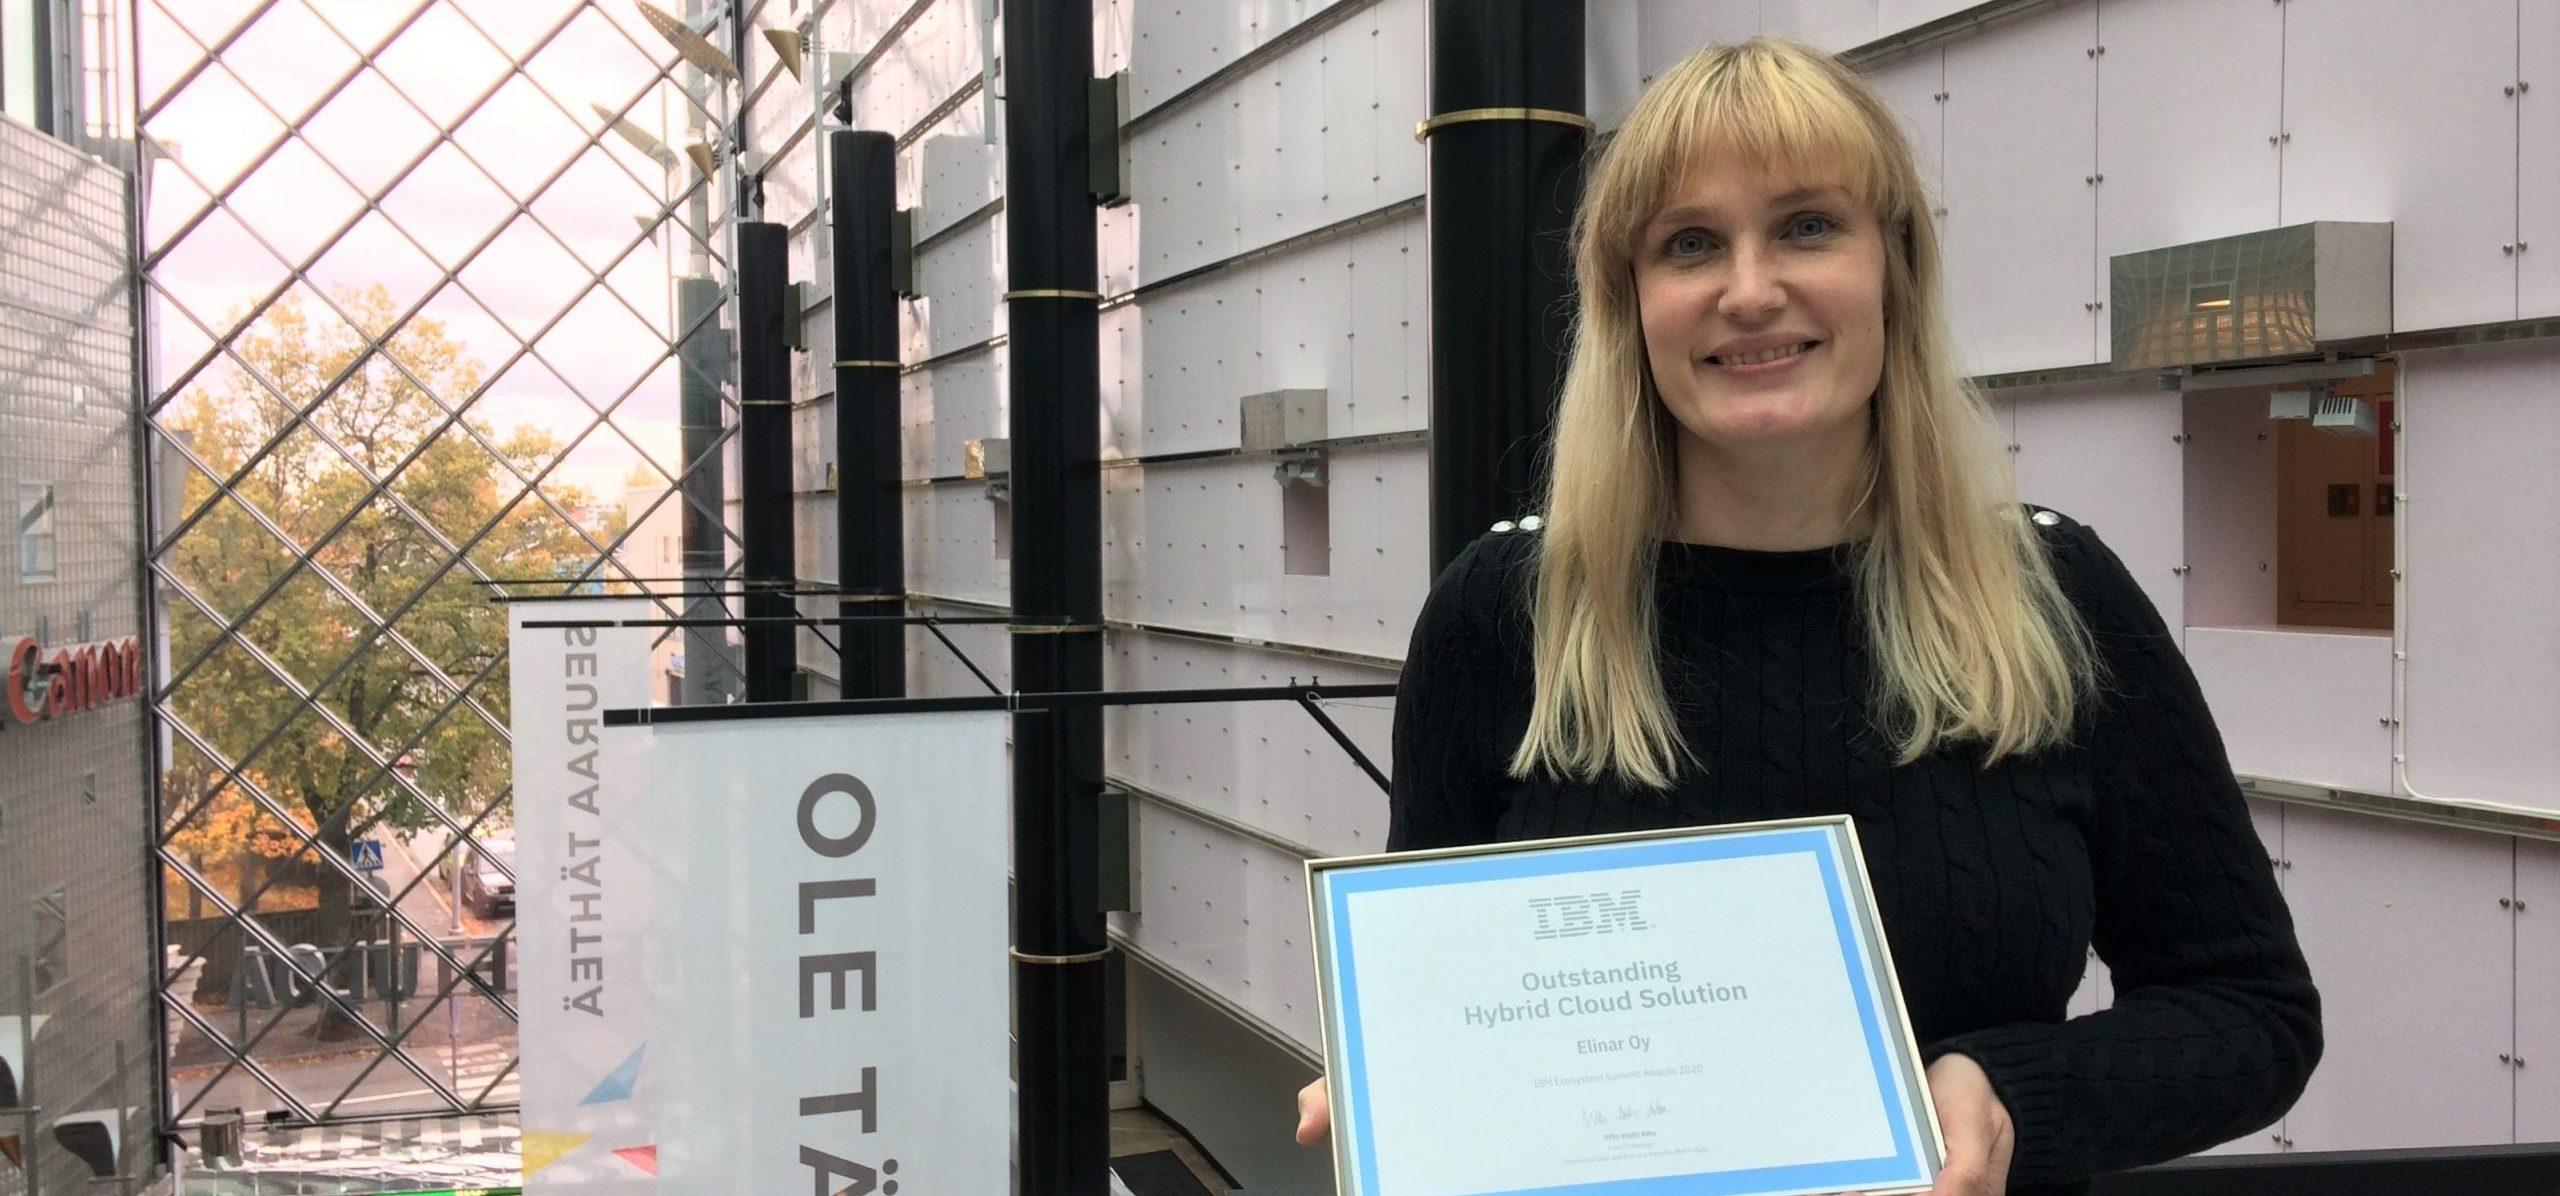 Leena Tähti pitelemässä IBM:n tunnustusta Elinarin tekoälyratkaisusta